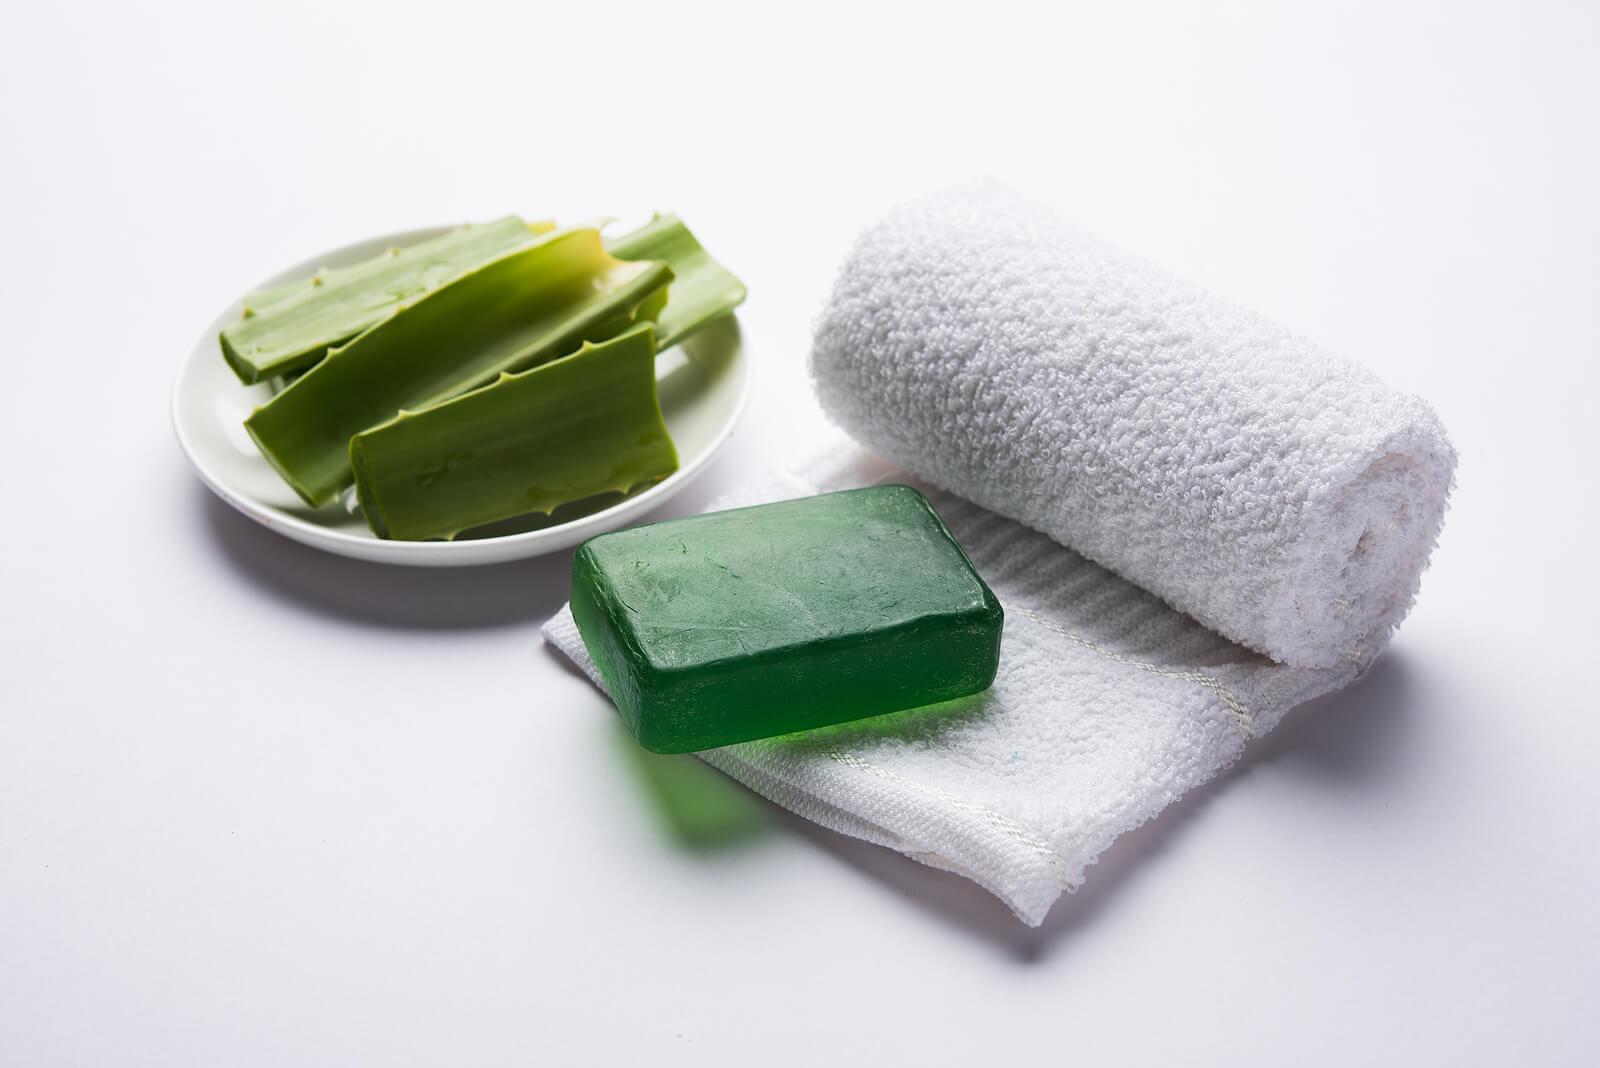 Jabón de aloe vera: una alternativa de tocador que puedes preparar en casa.